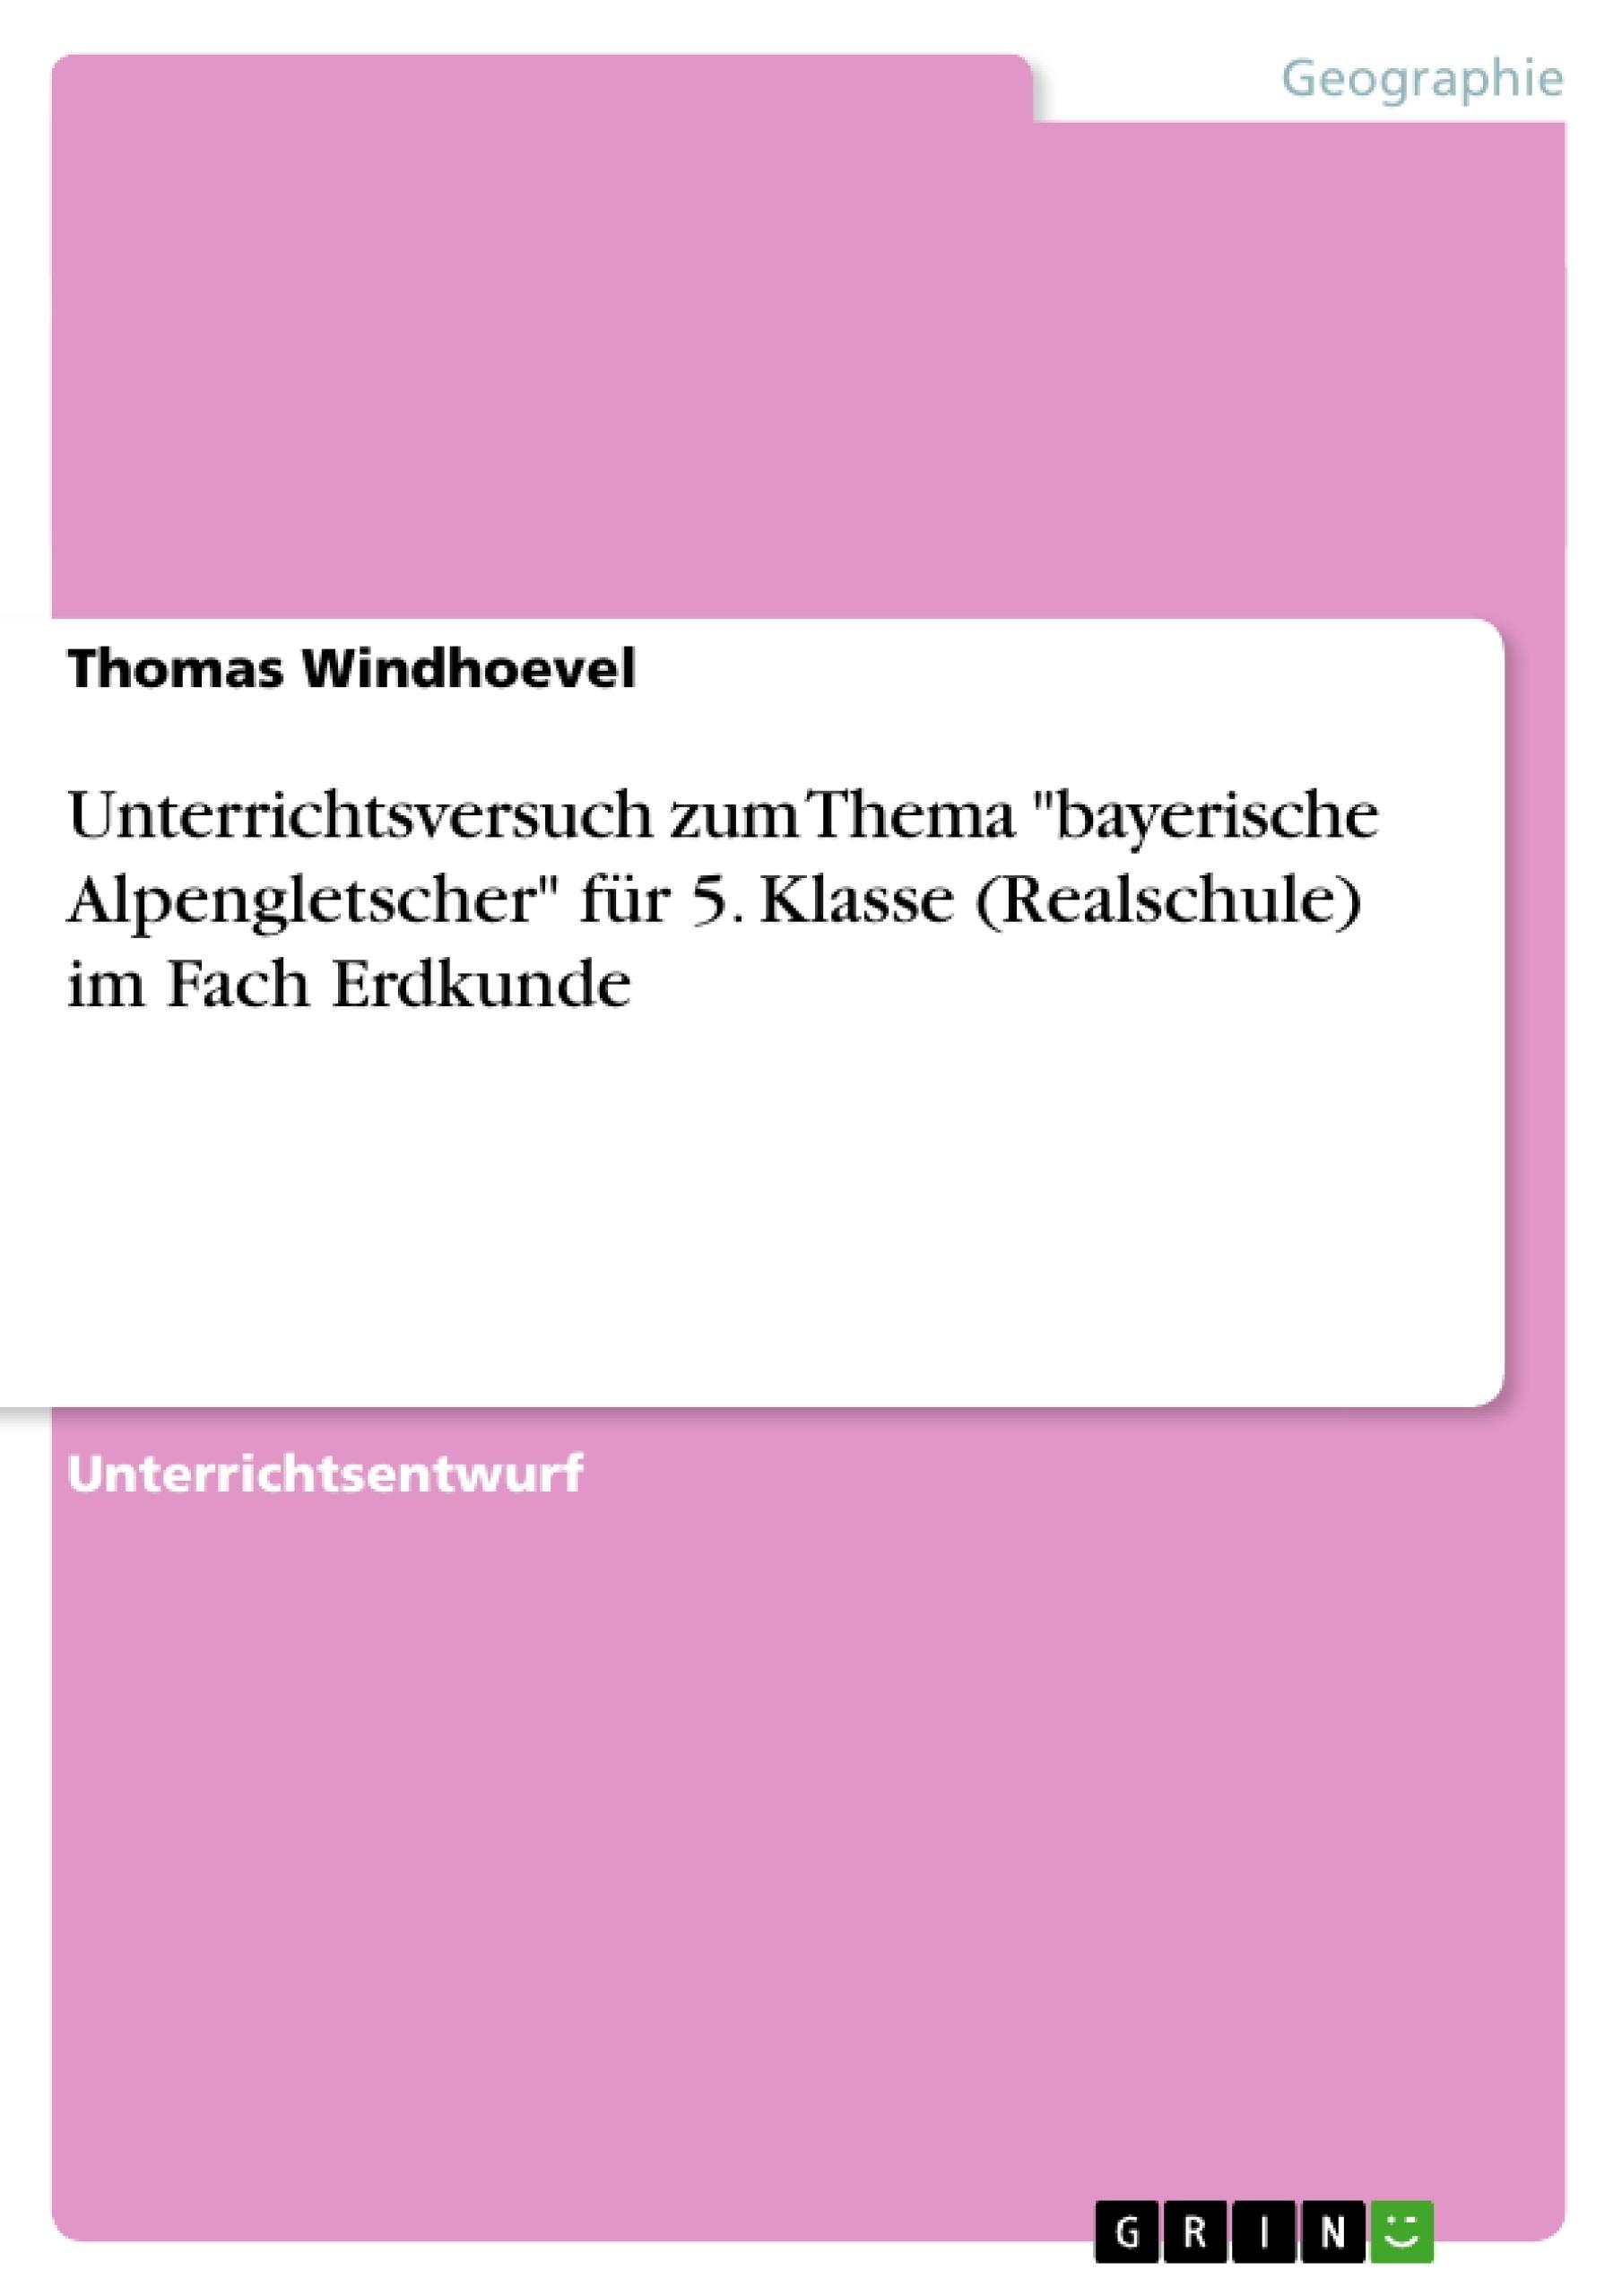 """Titel: Unterrichtsversuch zum Thema """"bayerische Alpengletscher"""" für 5. Klasse (Realschule) im Fach Erdkunde"""